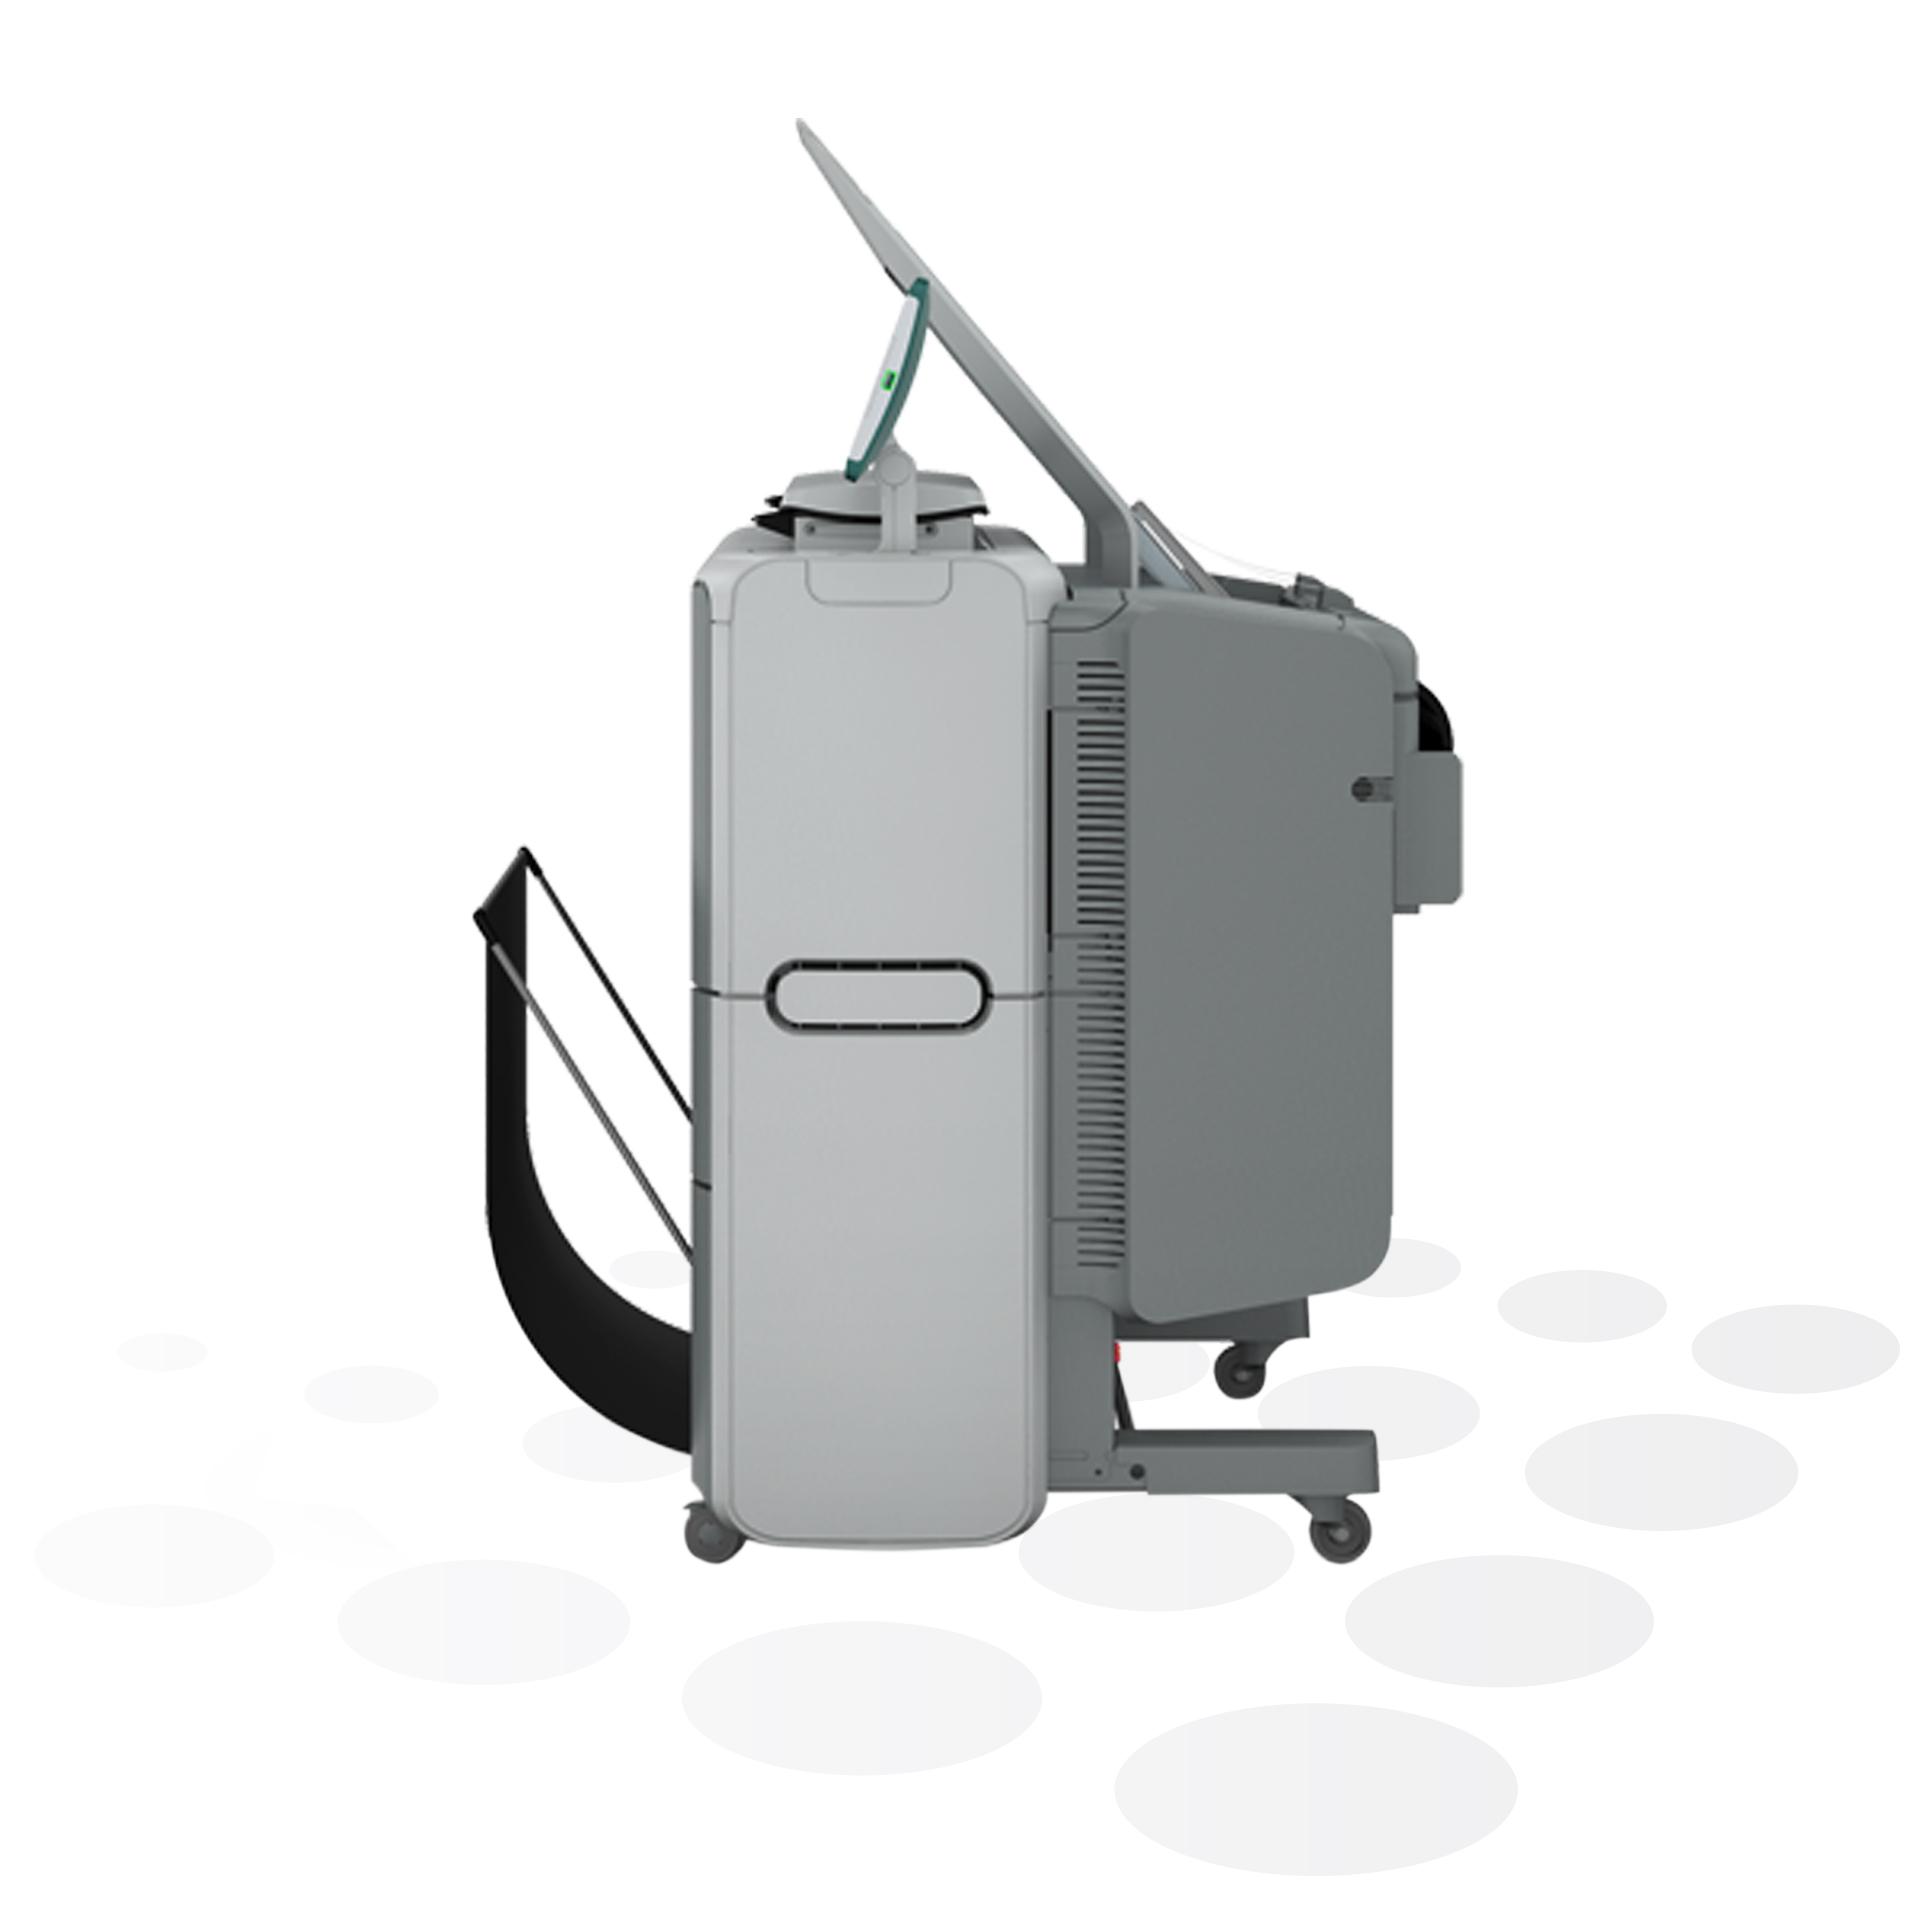 PlotWave 340/360 Printer mit Scanner (Seitenansicht)